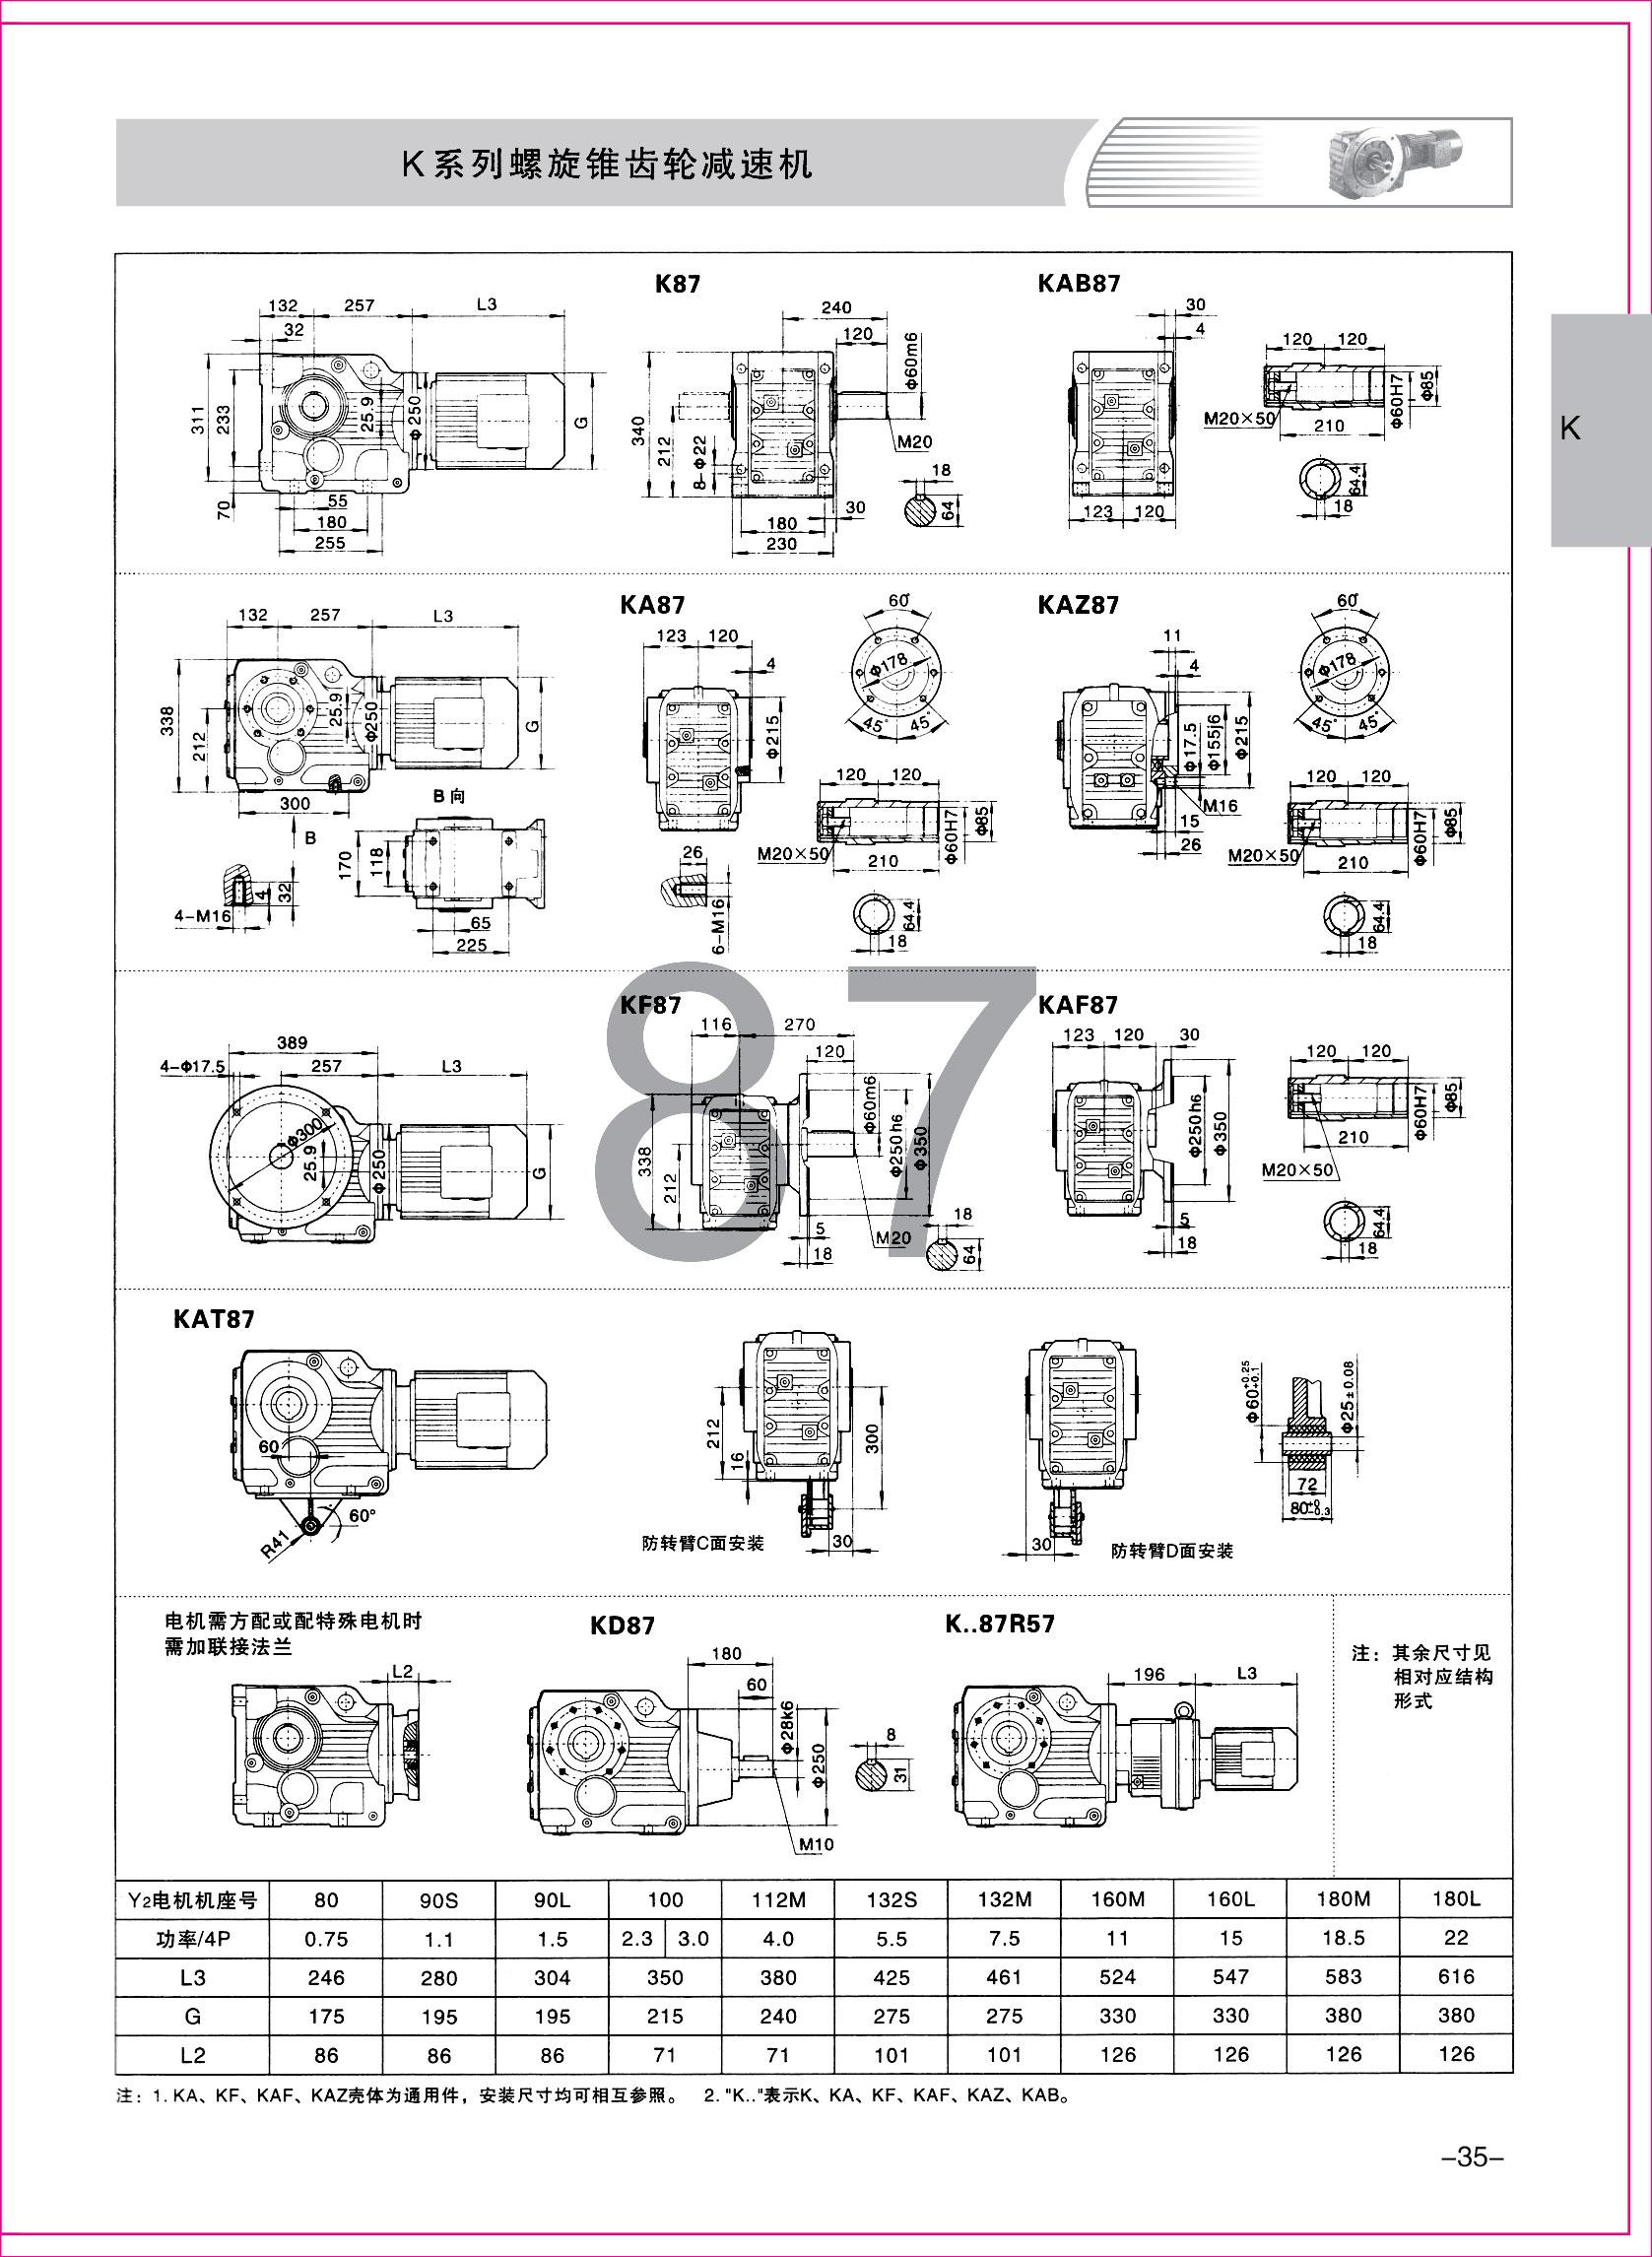 齿轮减速机样本1-1-35.jpg